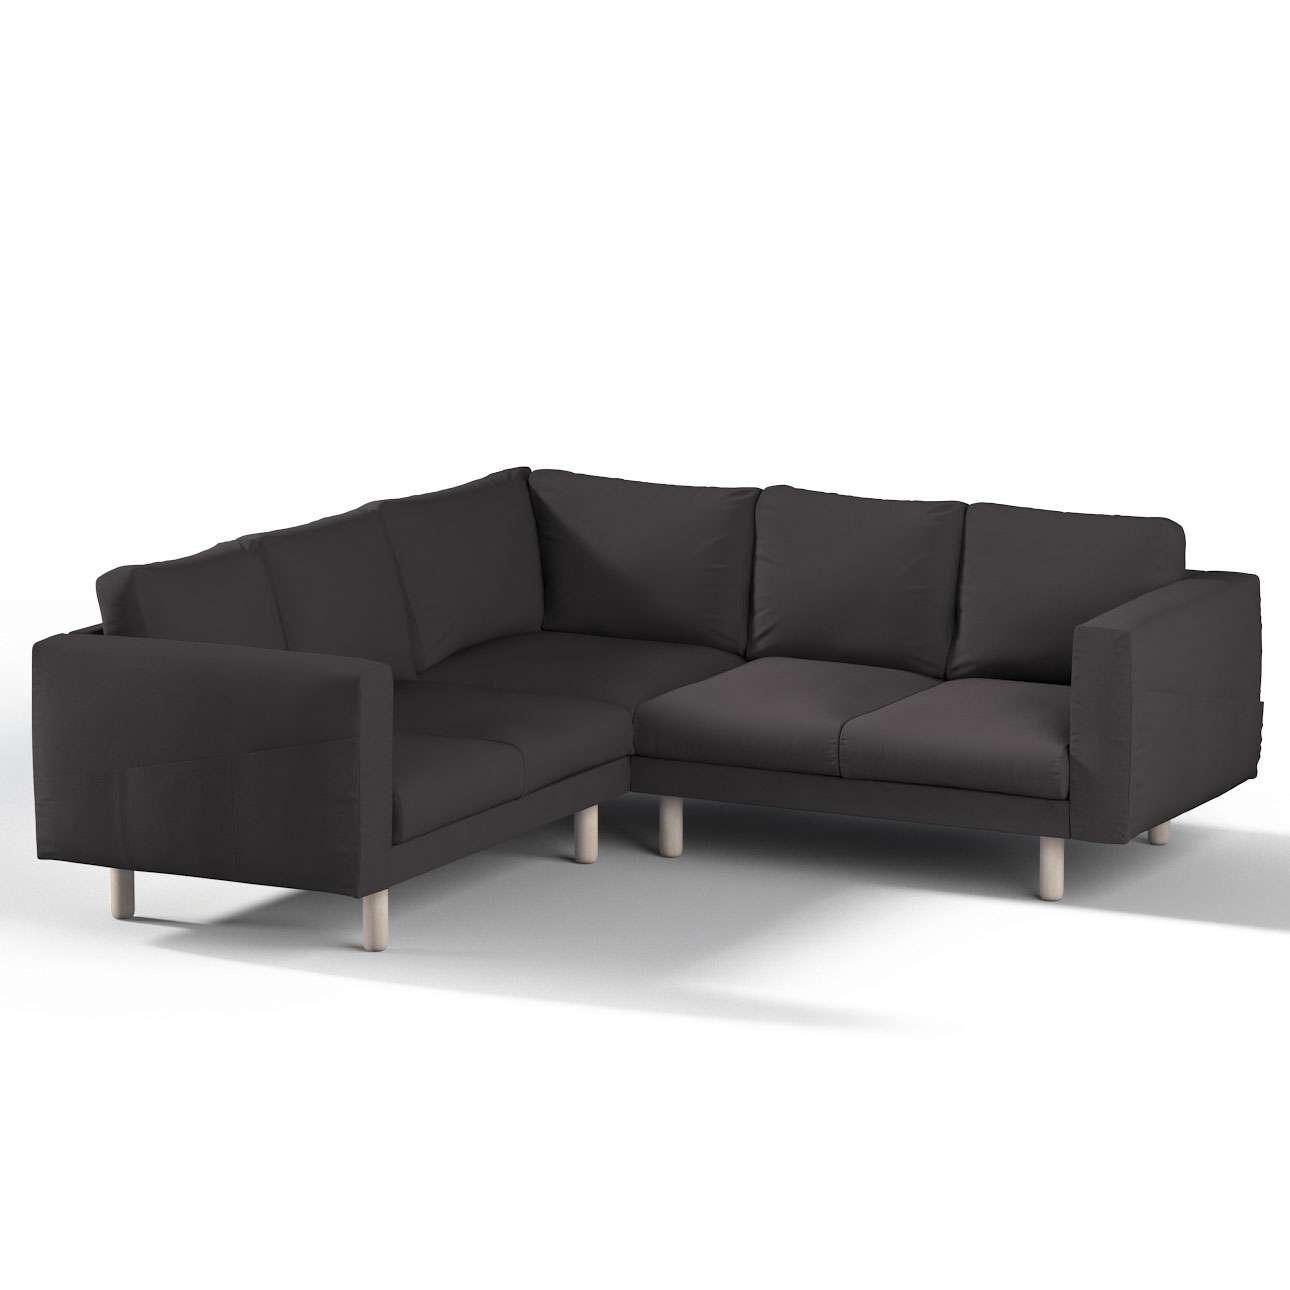 Pokrowiec na sofę narożną Norsborg 4-osobową w kolekcji Cotton Panama, tkanina: 702-09